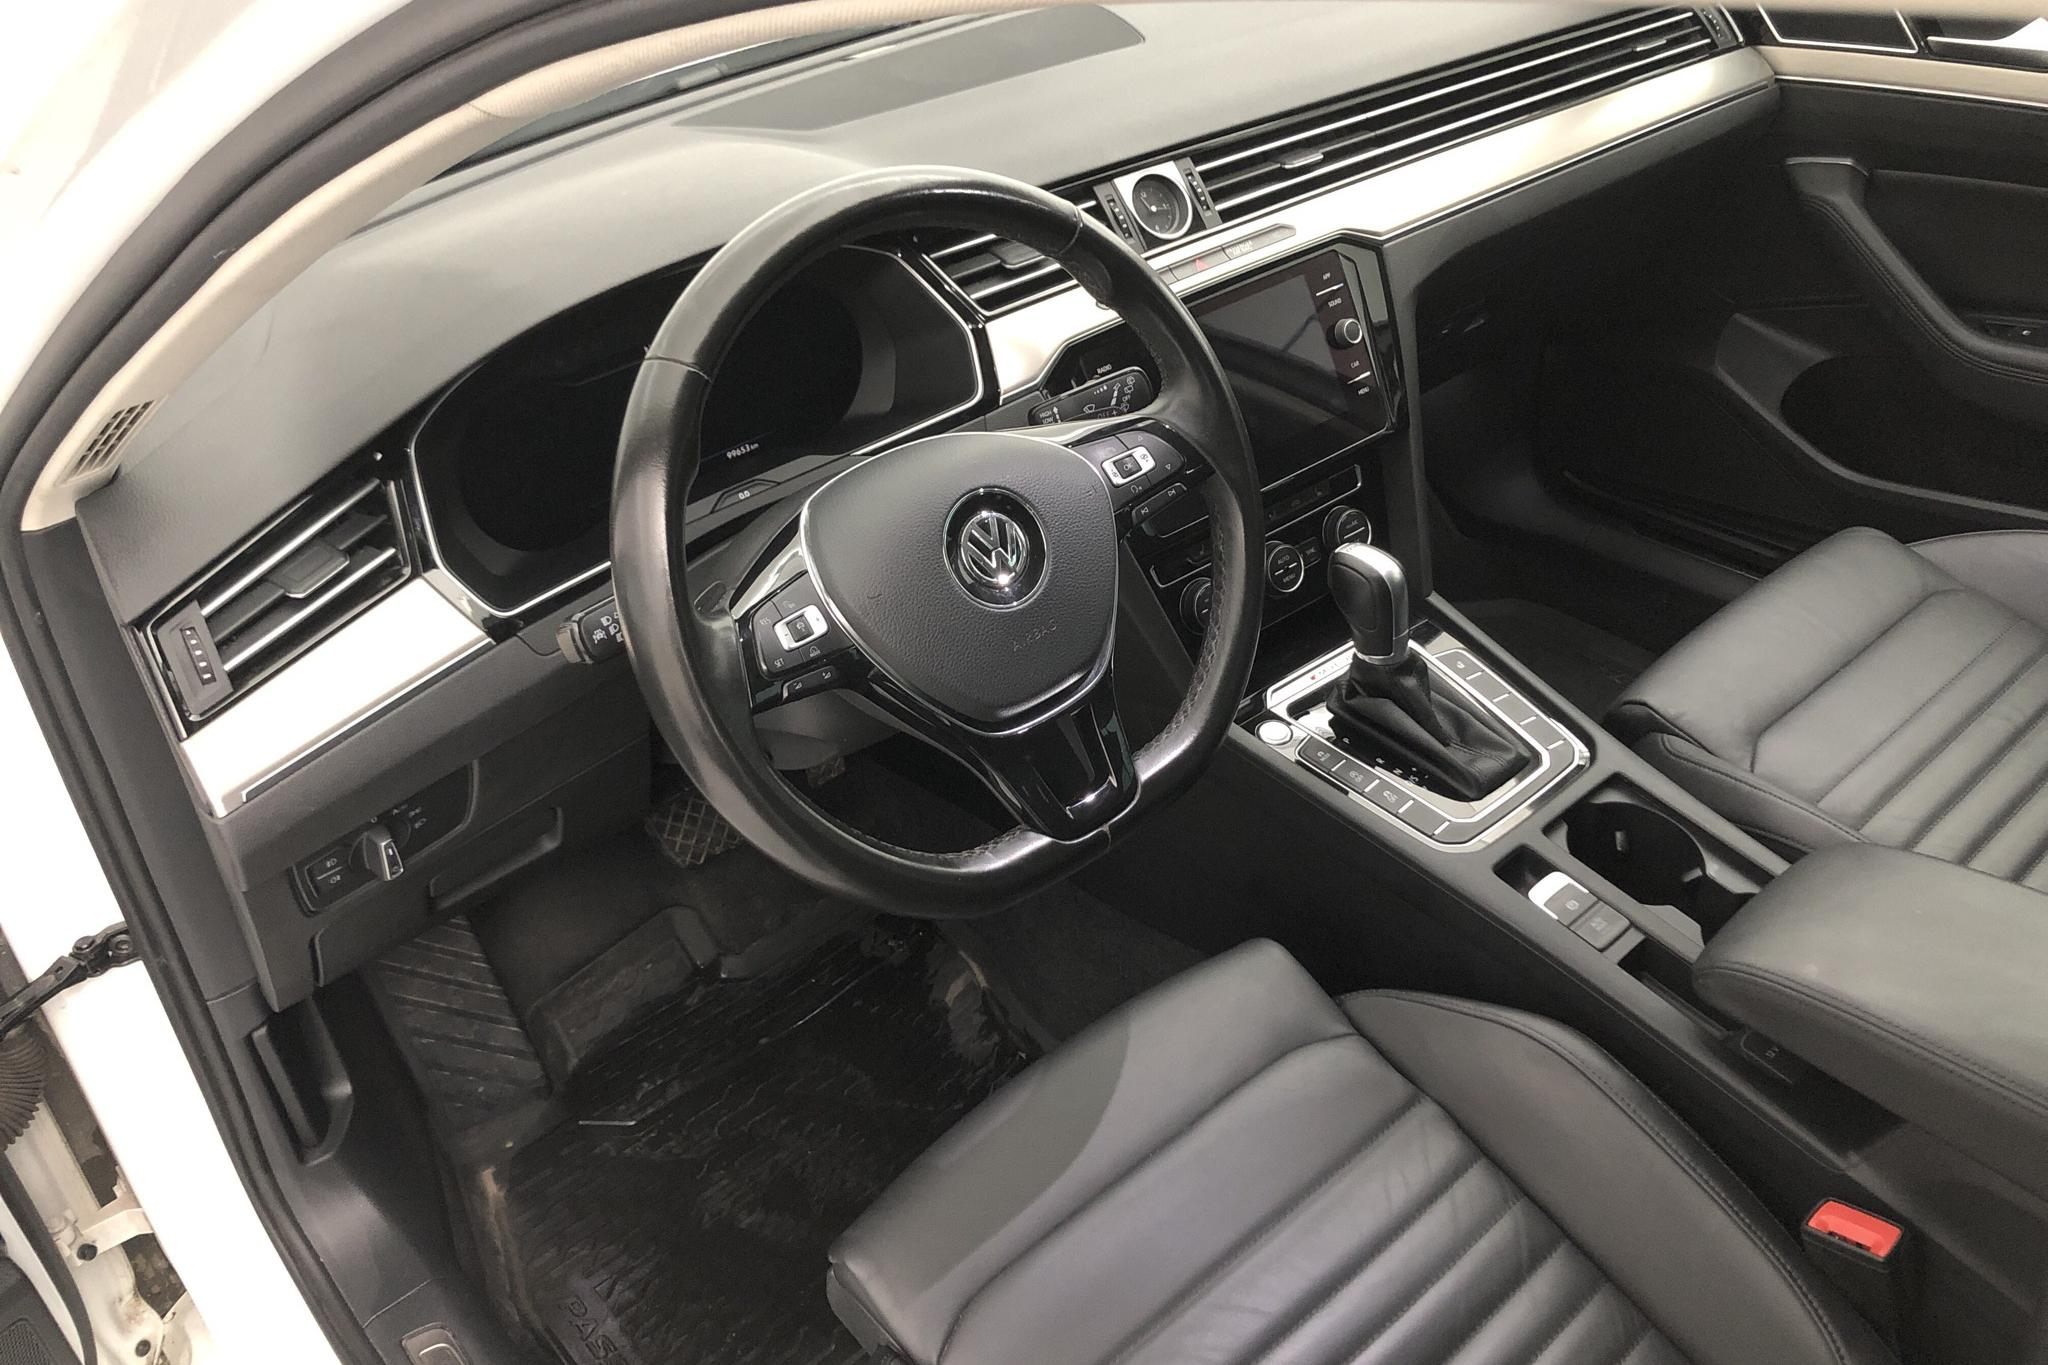 VW Passat 2.0 TDI Sportscombi 4MOTION (190hk) - 9 965 mil - Automat - vit - 2018